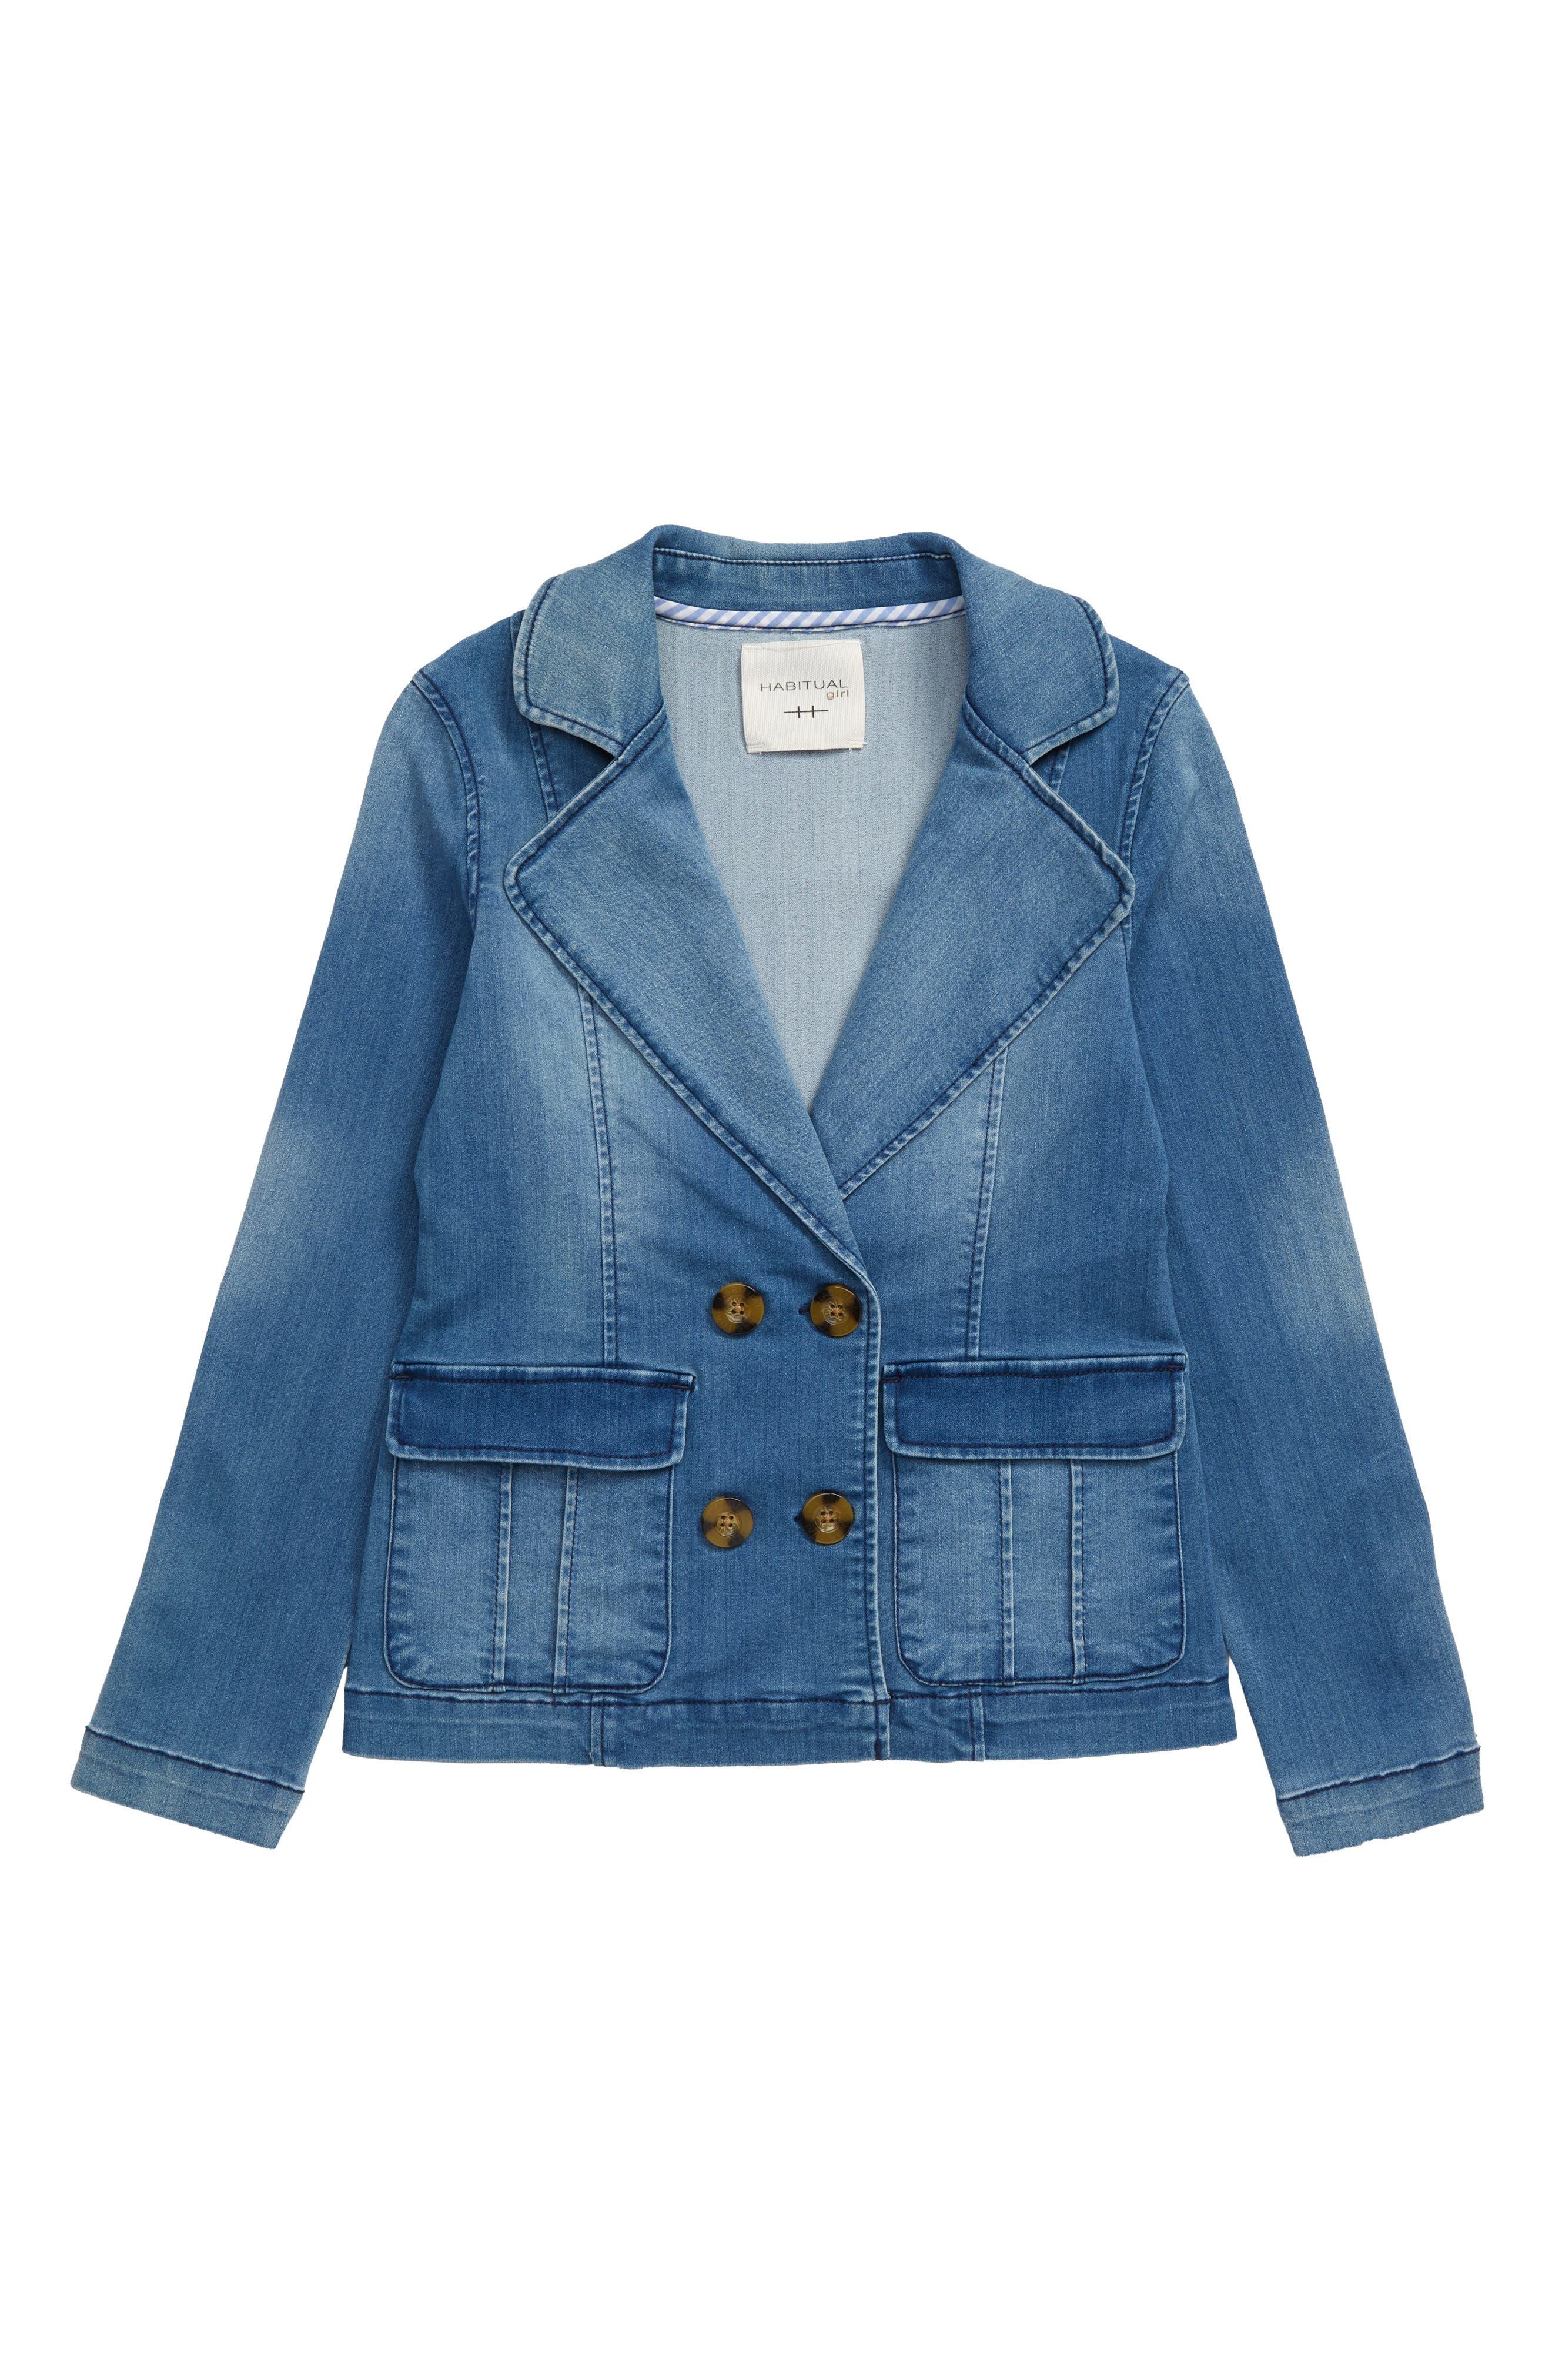 Image of Habitual Kids Stretch Denim Blazer Jacket